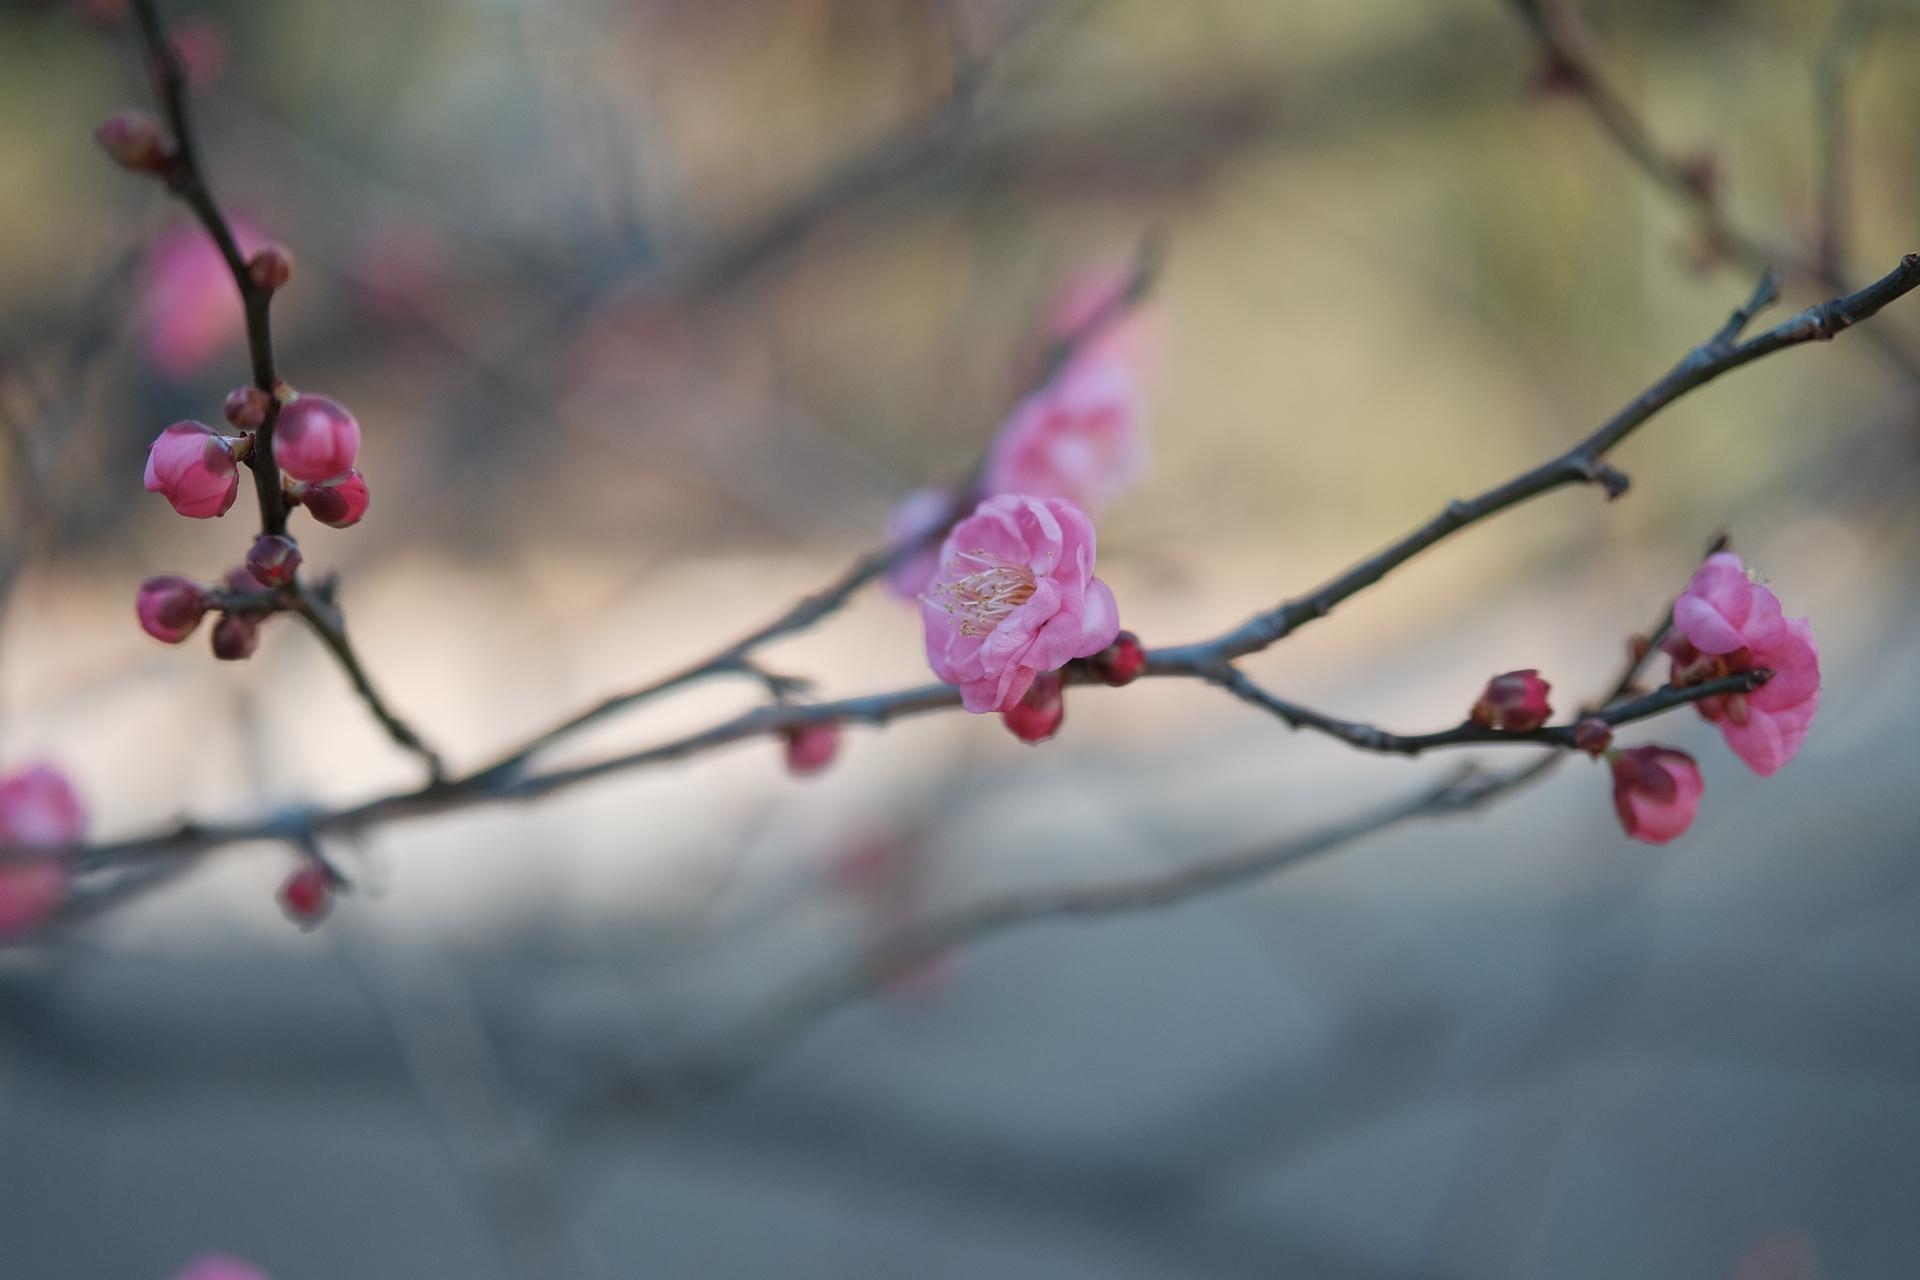 蕾もふっくら、既に咲いている花もある